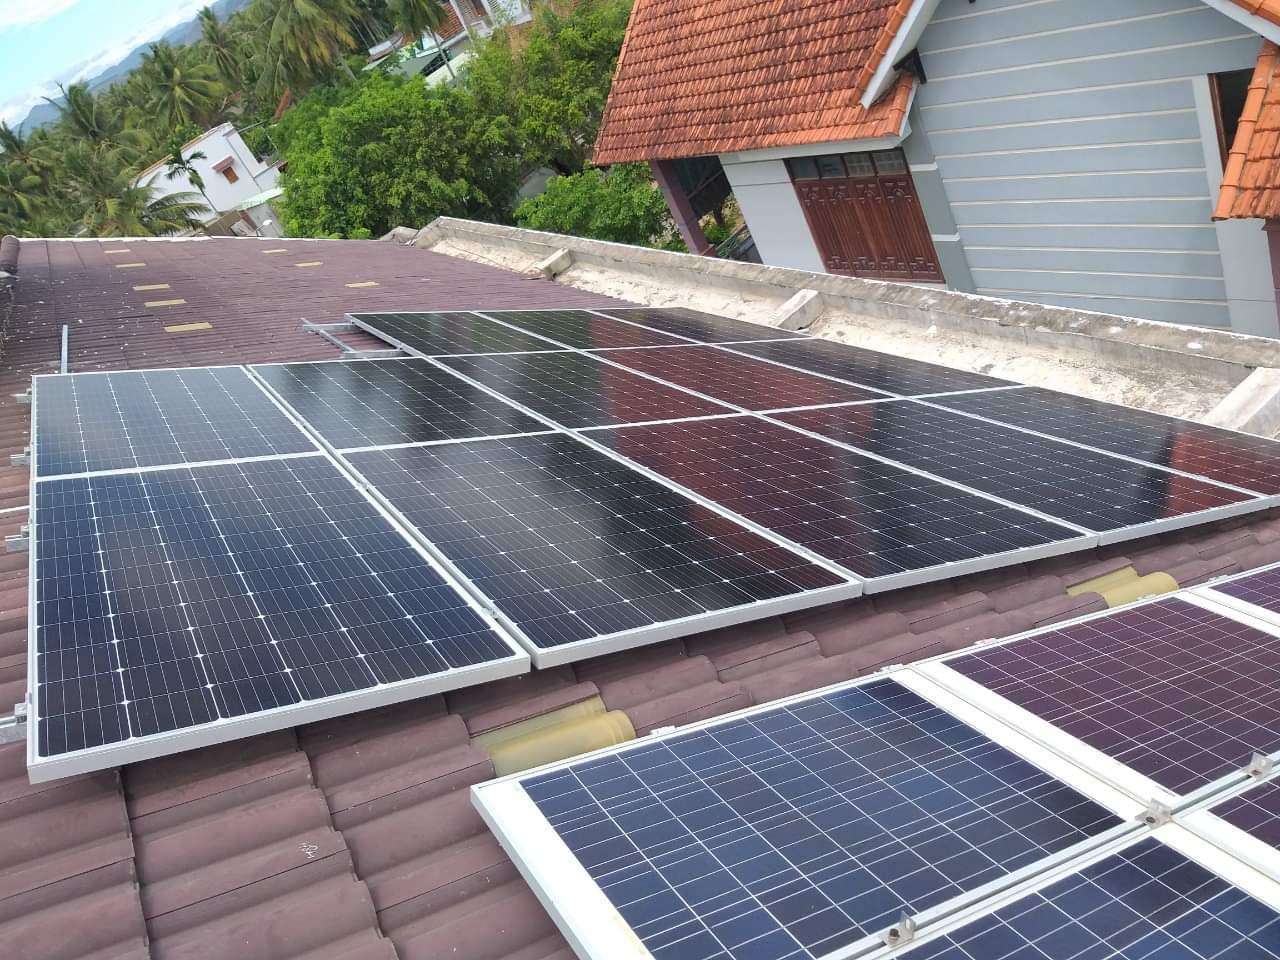 Điện mặt trời sử dụng hệ độc lập mini 1.7kWP tại Hà Nội | Uy tín